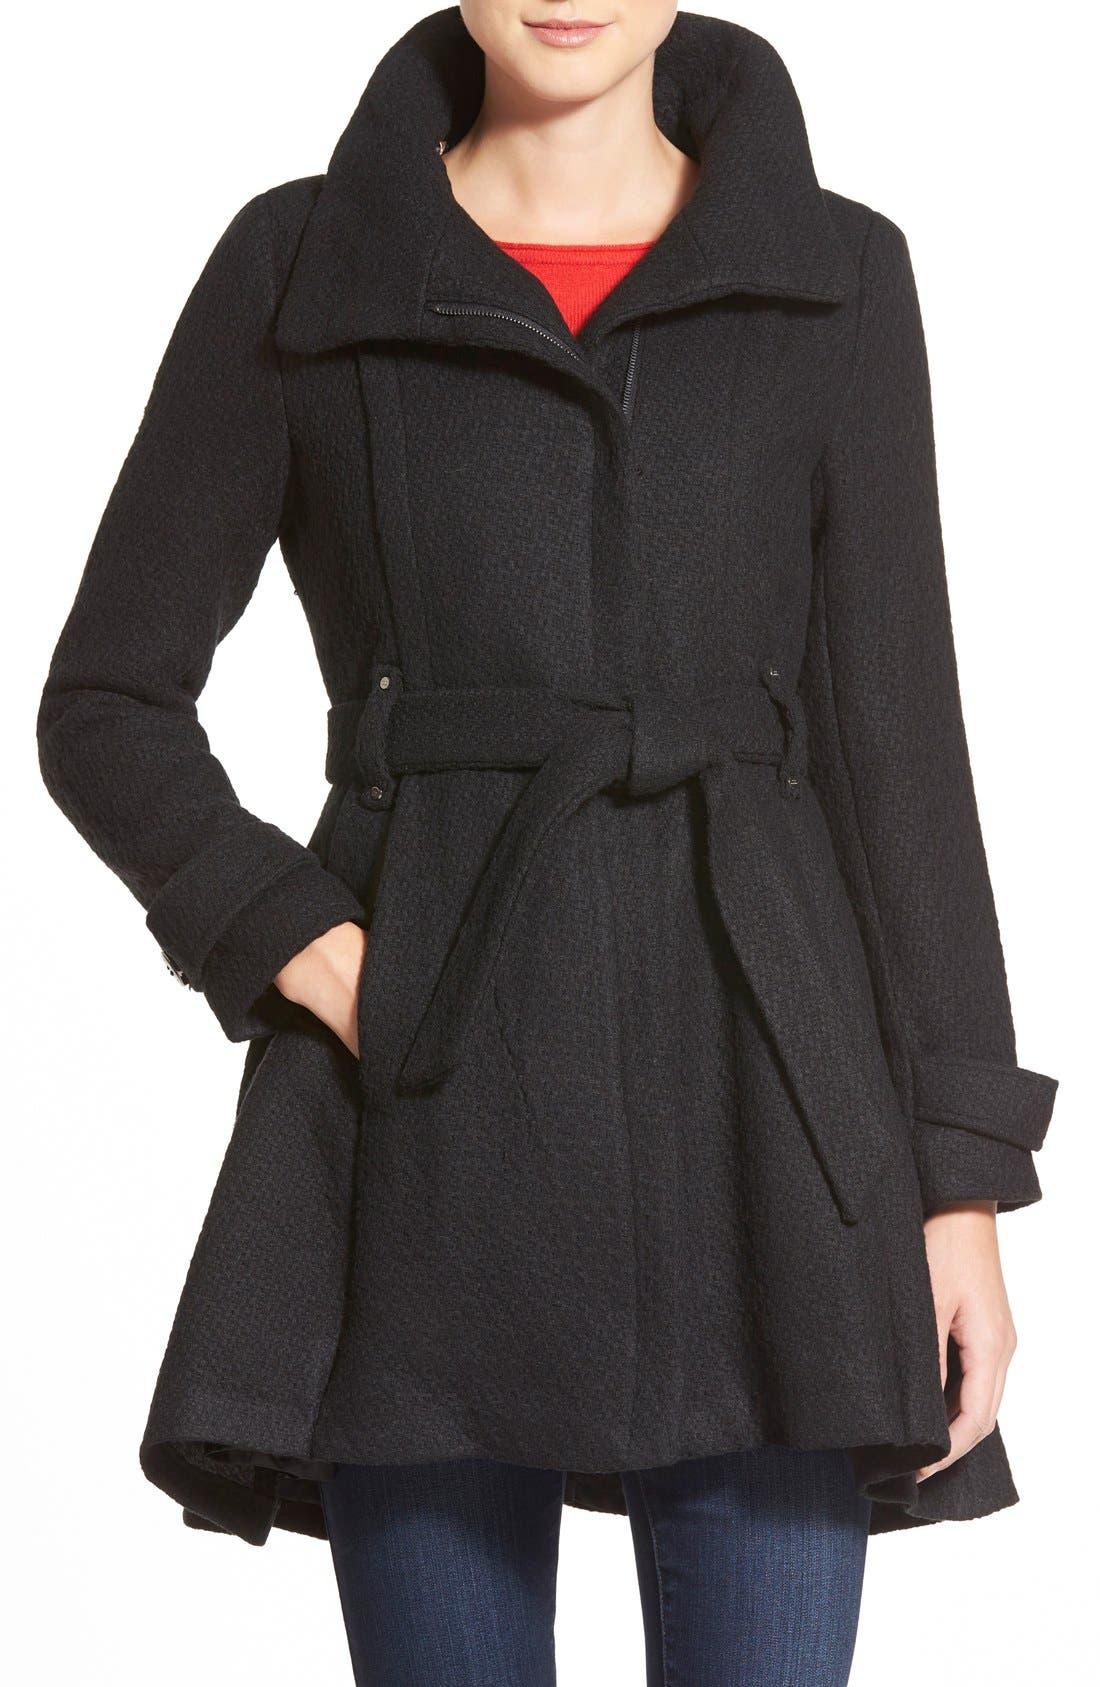 STEVE MADDEN Steven Madden Asymmetrical Zip Skirted Coat, Main, color, 001